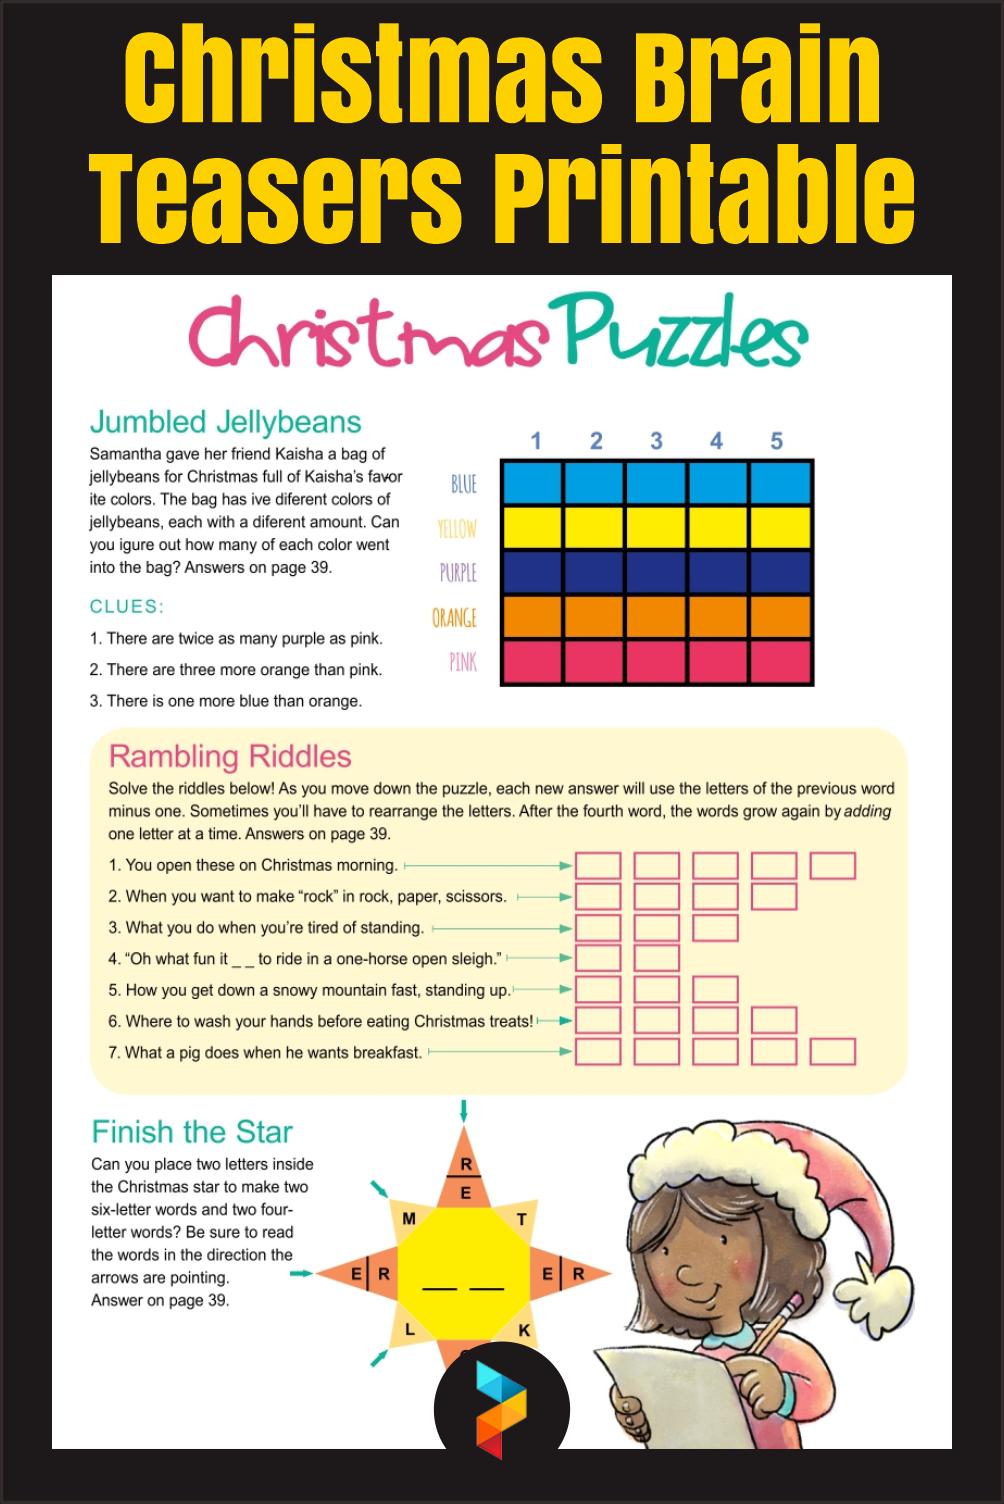 Christmas Brain Teasers Printable